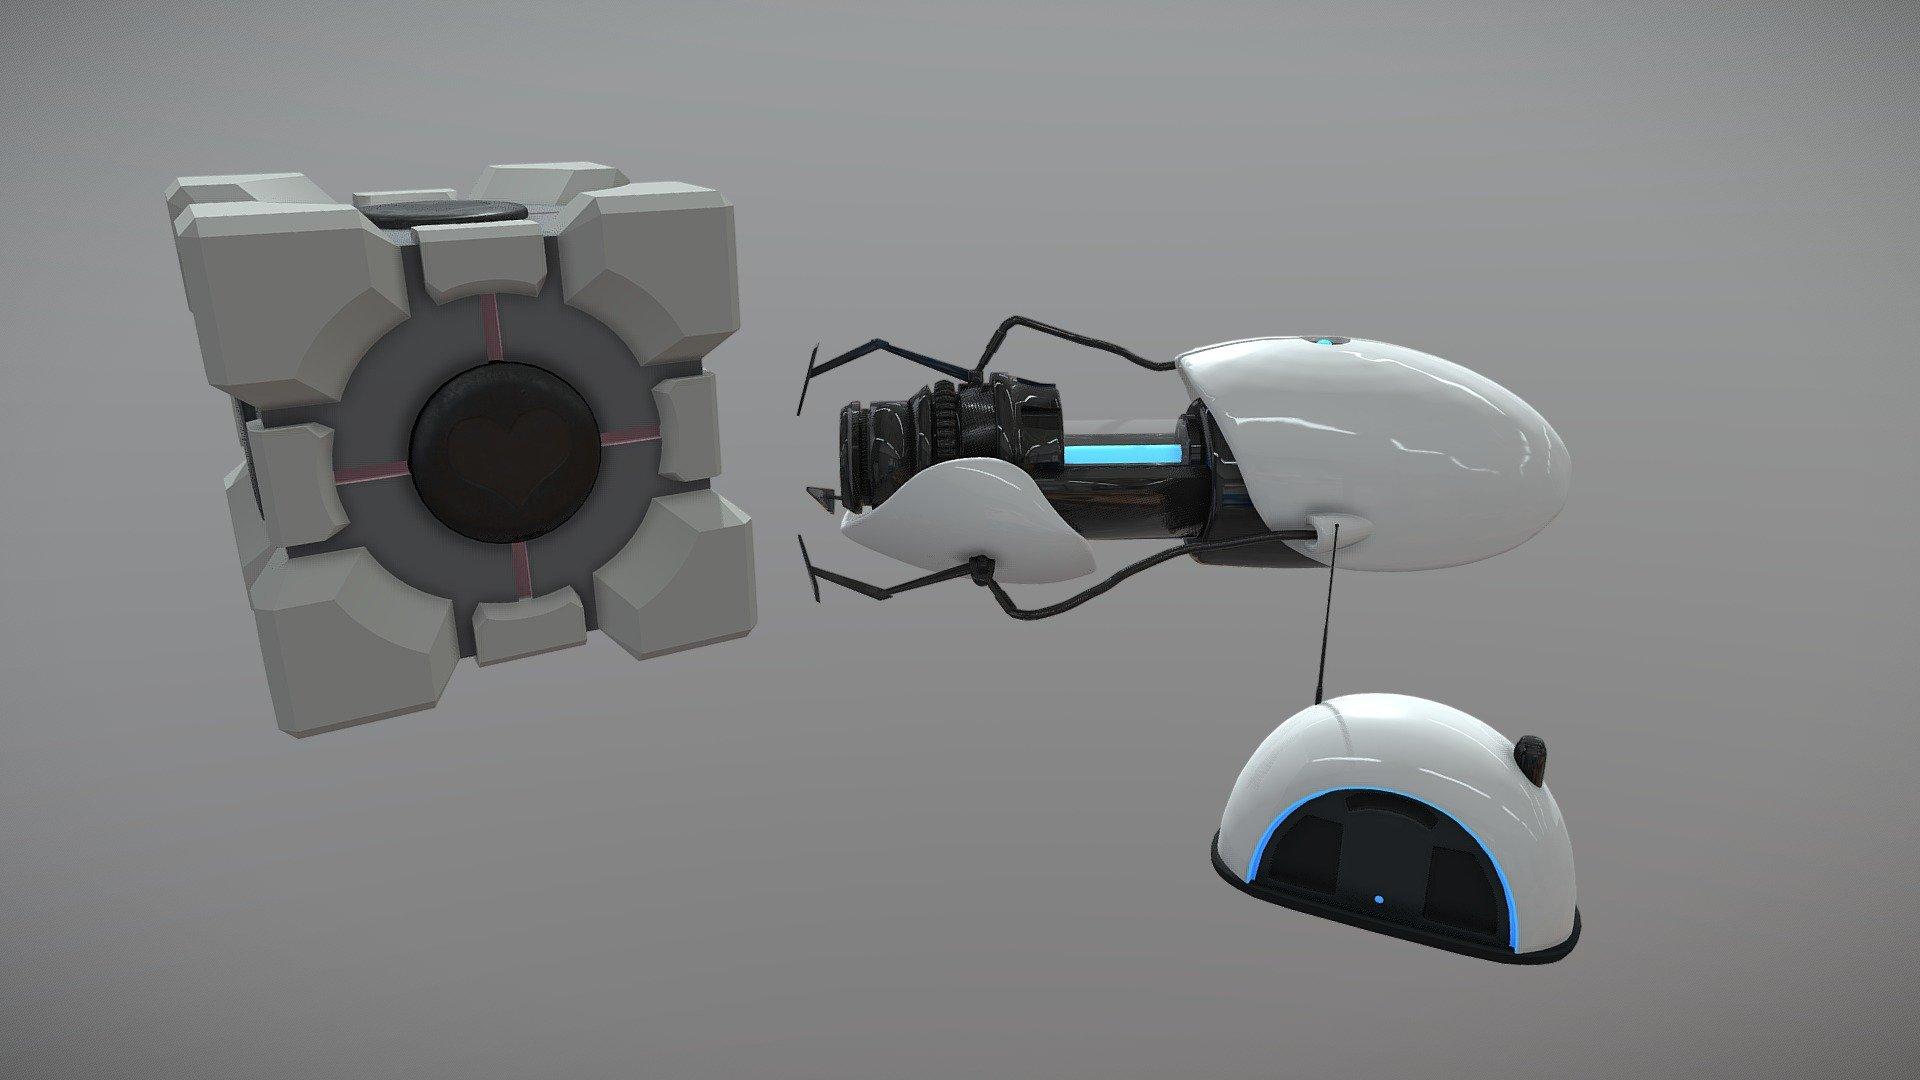 portal gun free download